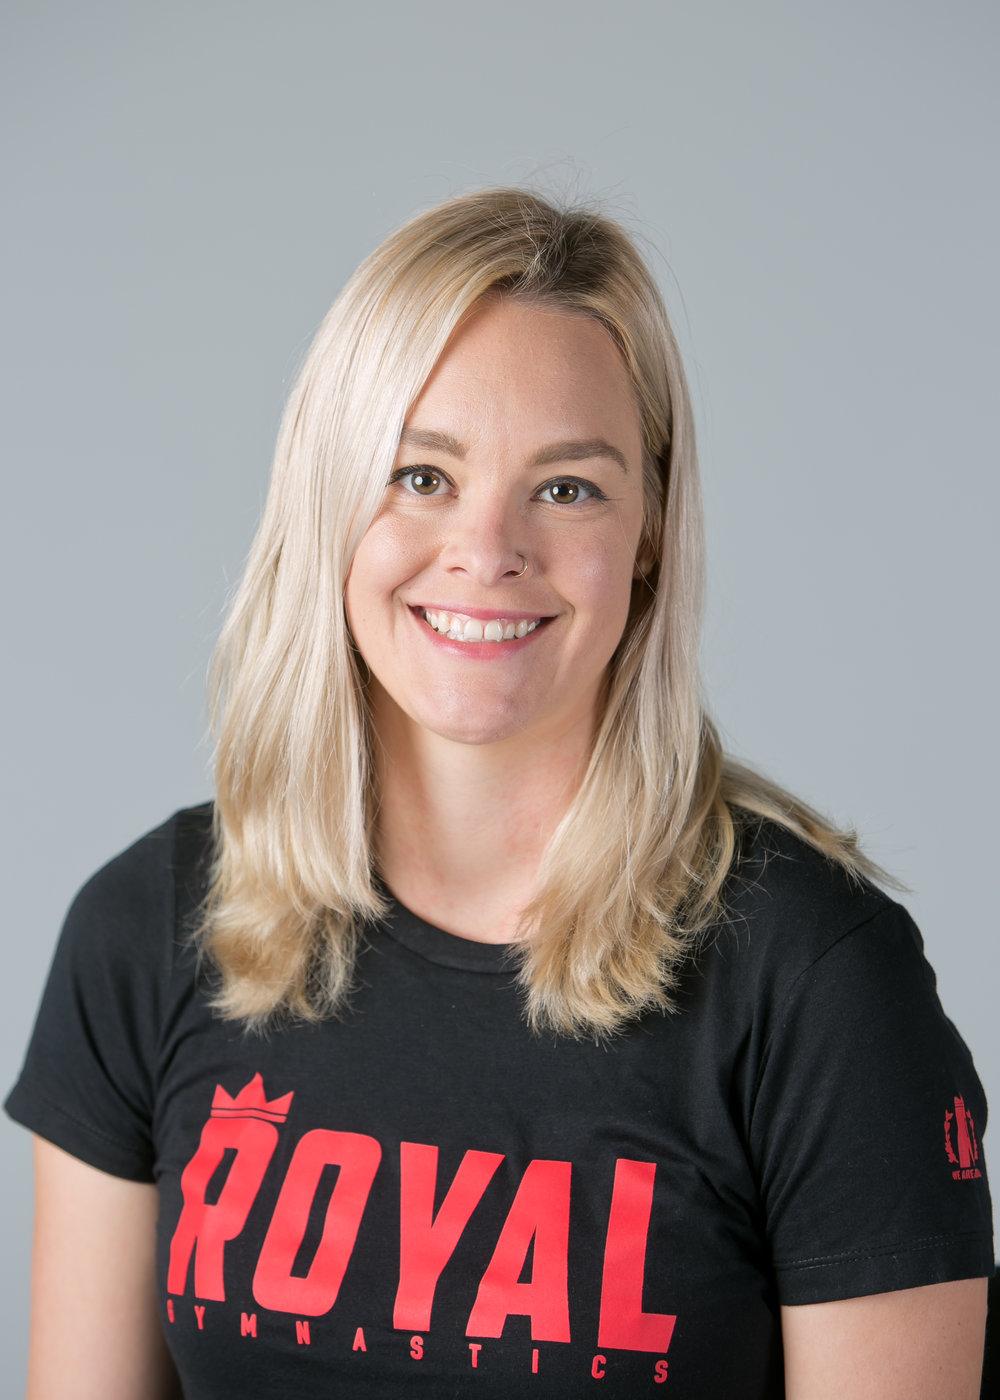 Coach Jessica Optional Team Coach